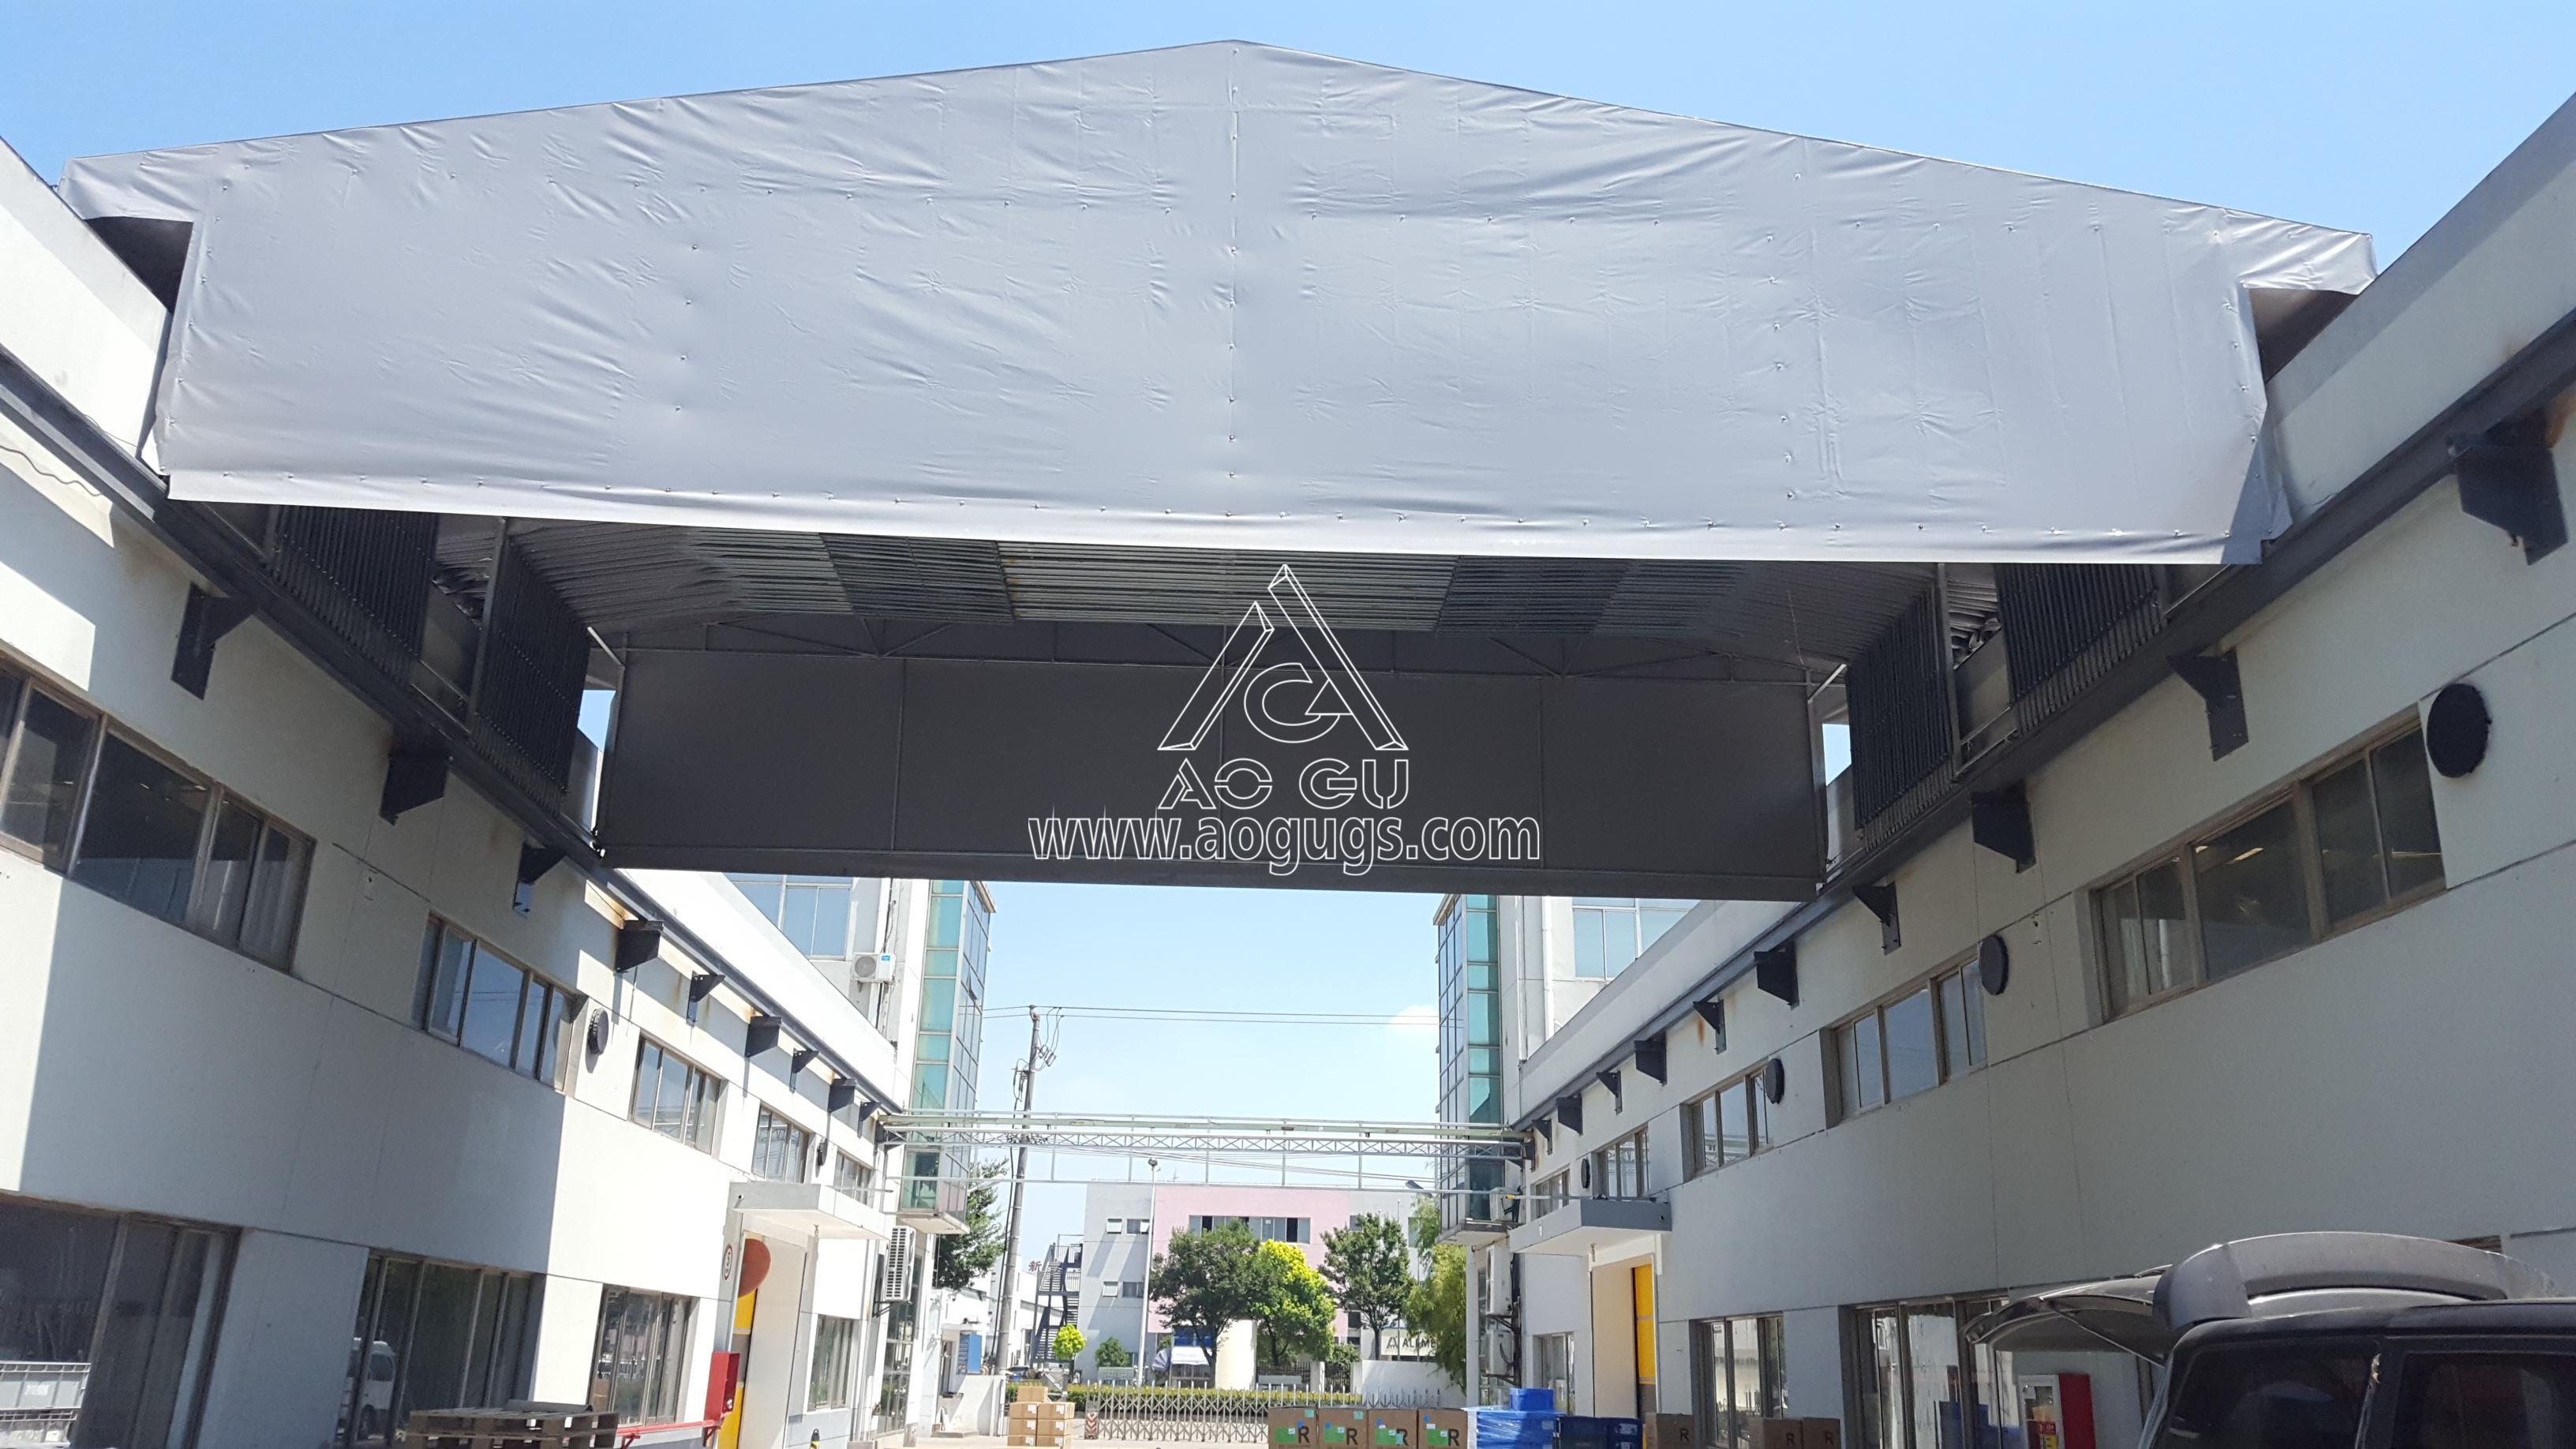 上海美国工厂 厂房之间 手动伸缩活动 架空推拉篷案例产品演示图3